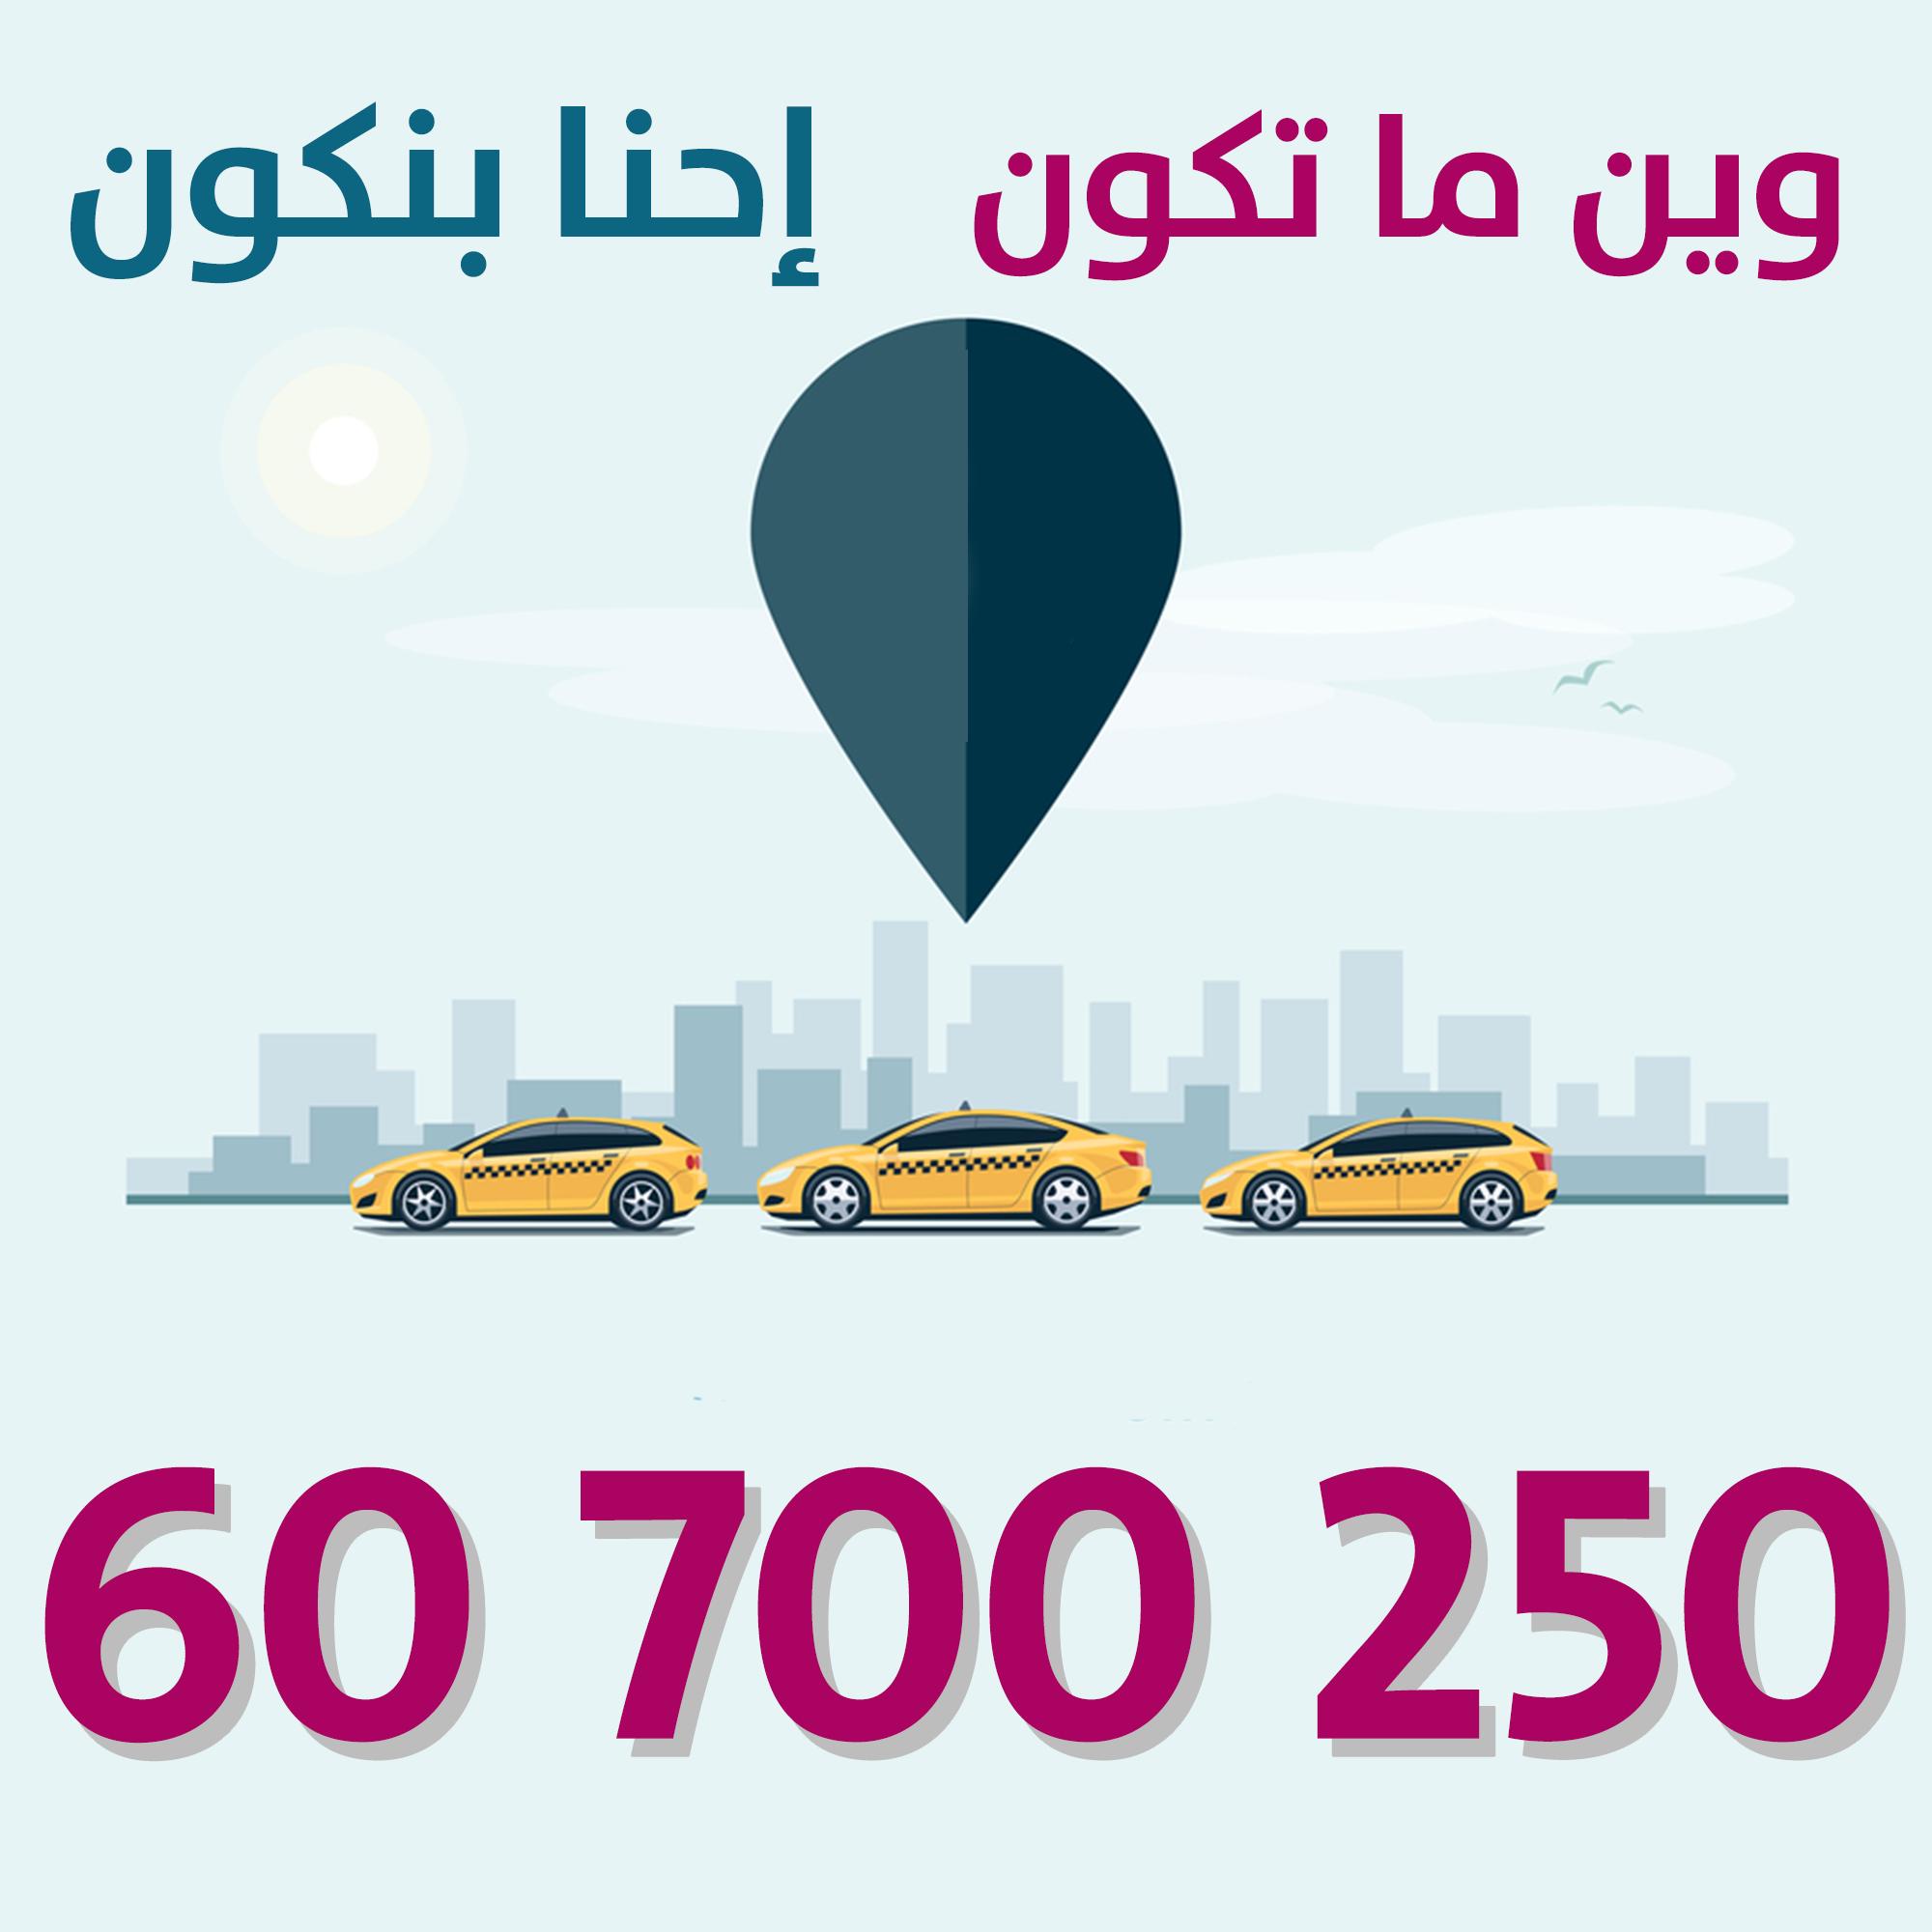 تاكسي توصيلة في شارع عبد العزيز محمد الدعيج